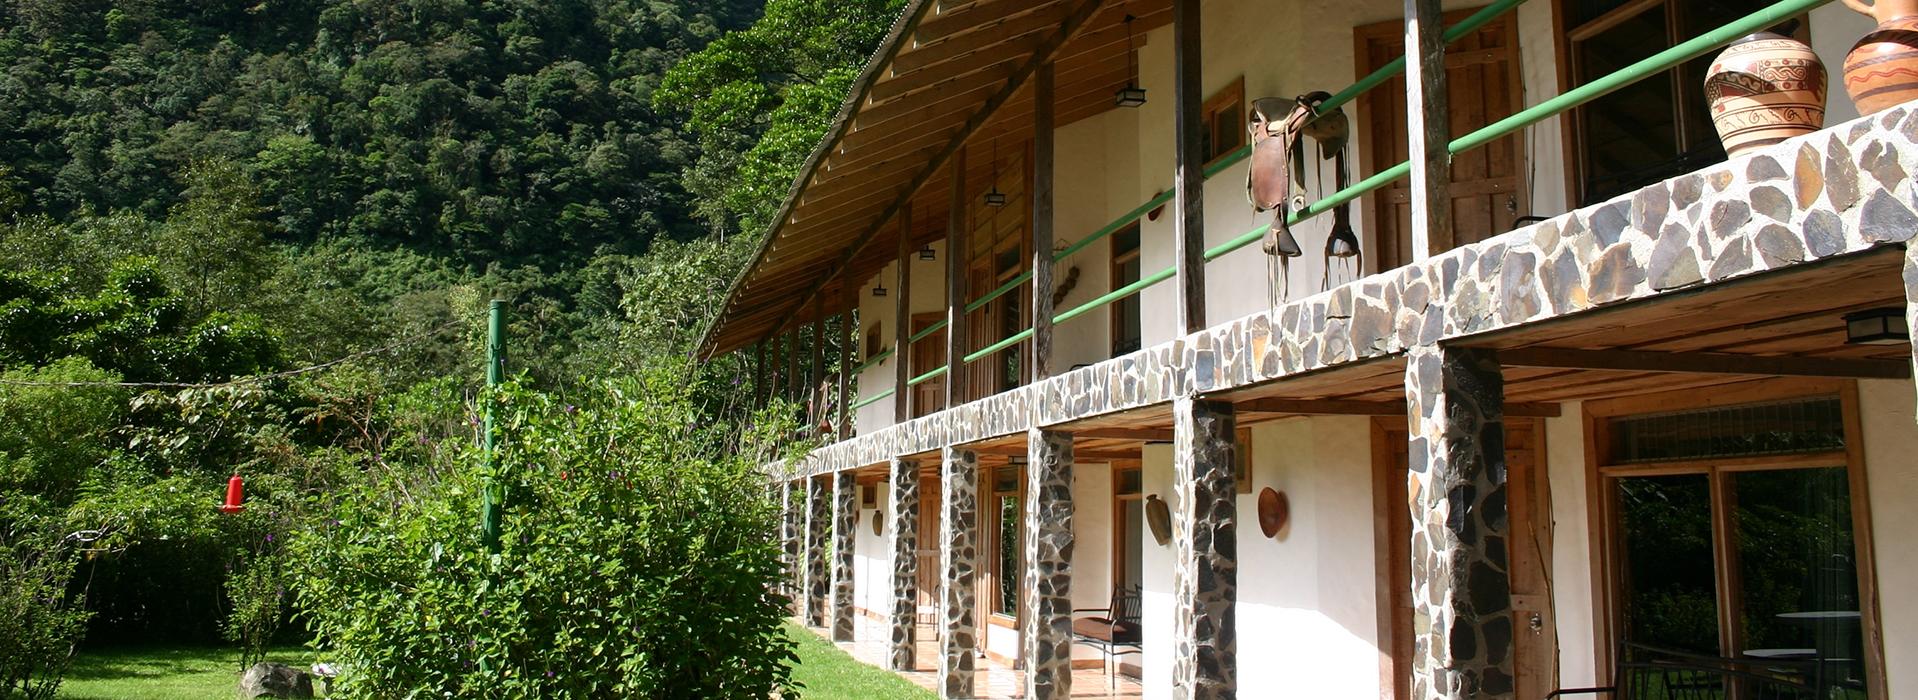 slide2_hotel